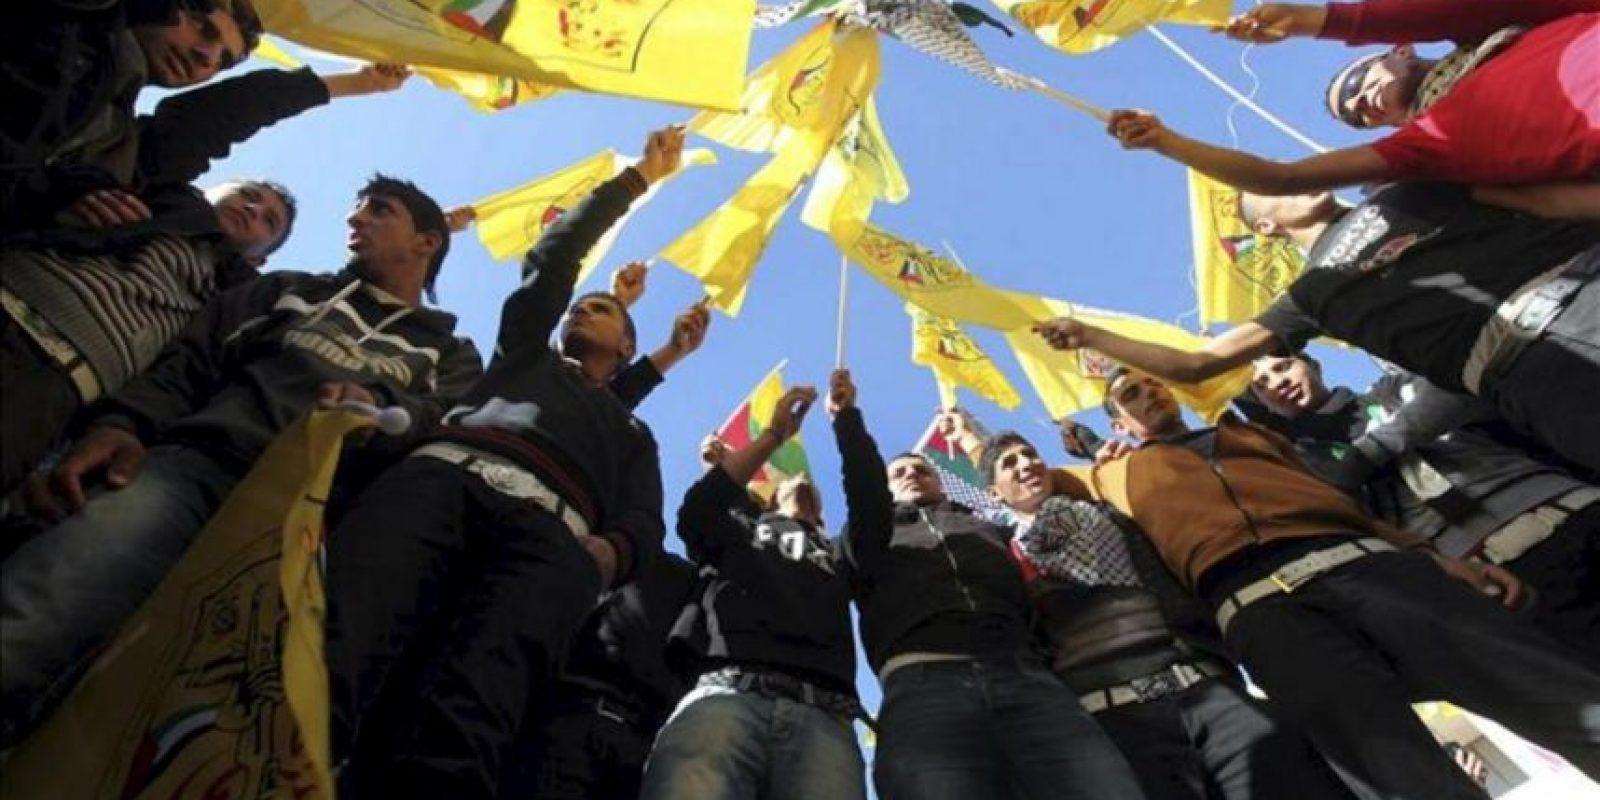 Palestinos seguidores del partido nacionalista palestino Al Fatah, ondean banderas durante una celebración pública para conmemorar el 48 aniversario. EFE